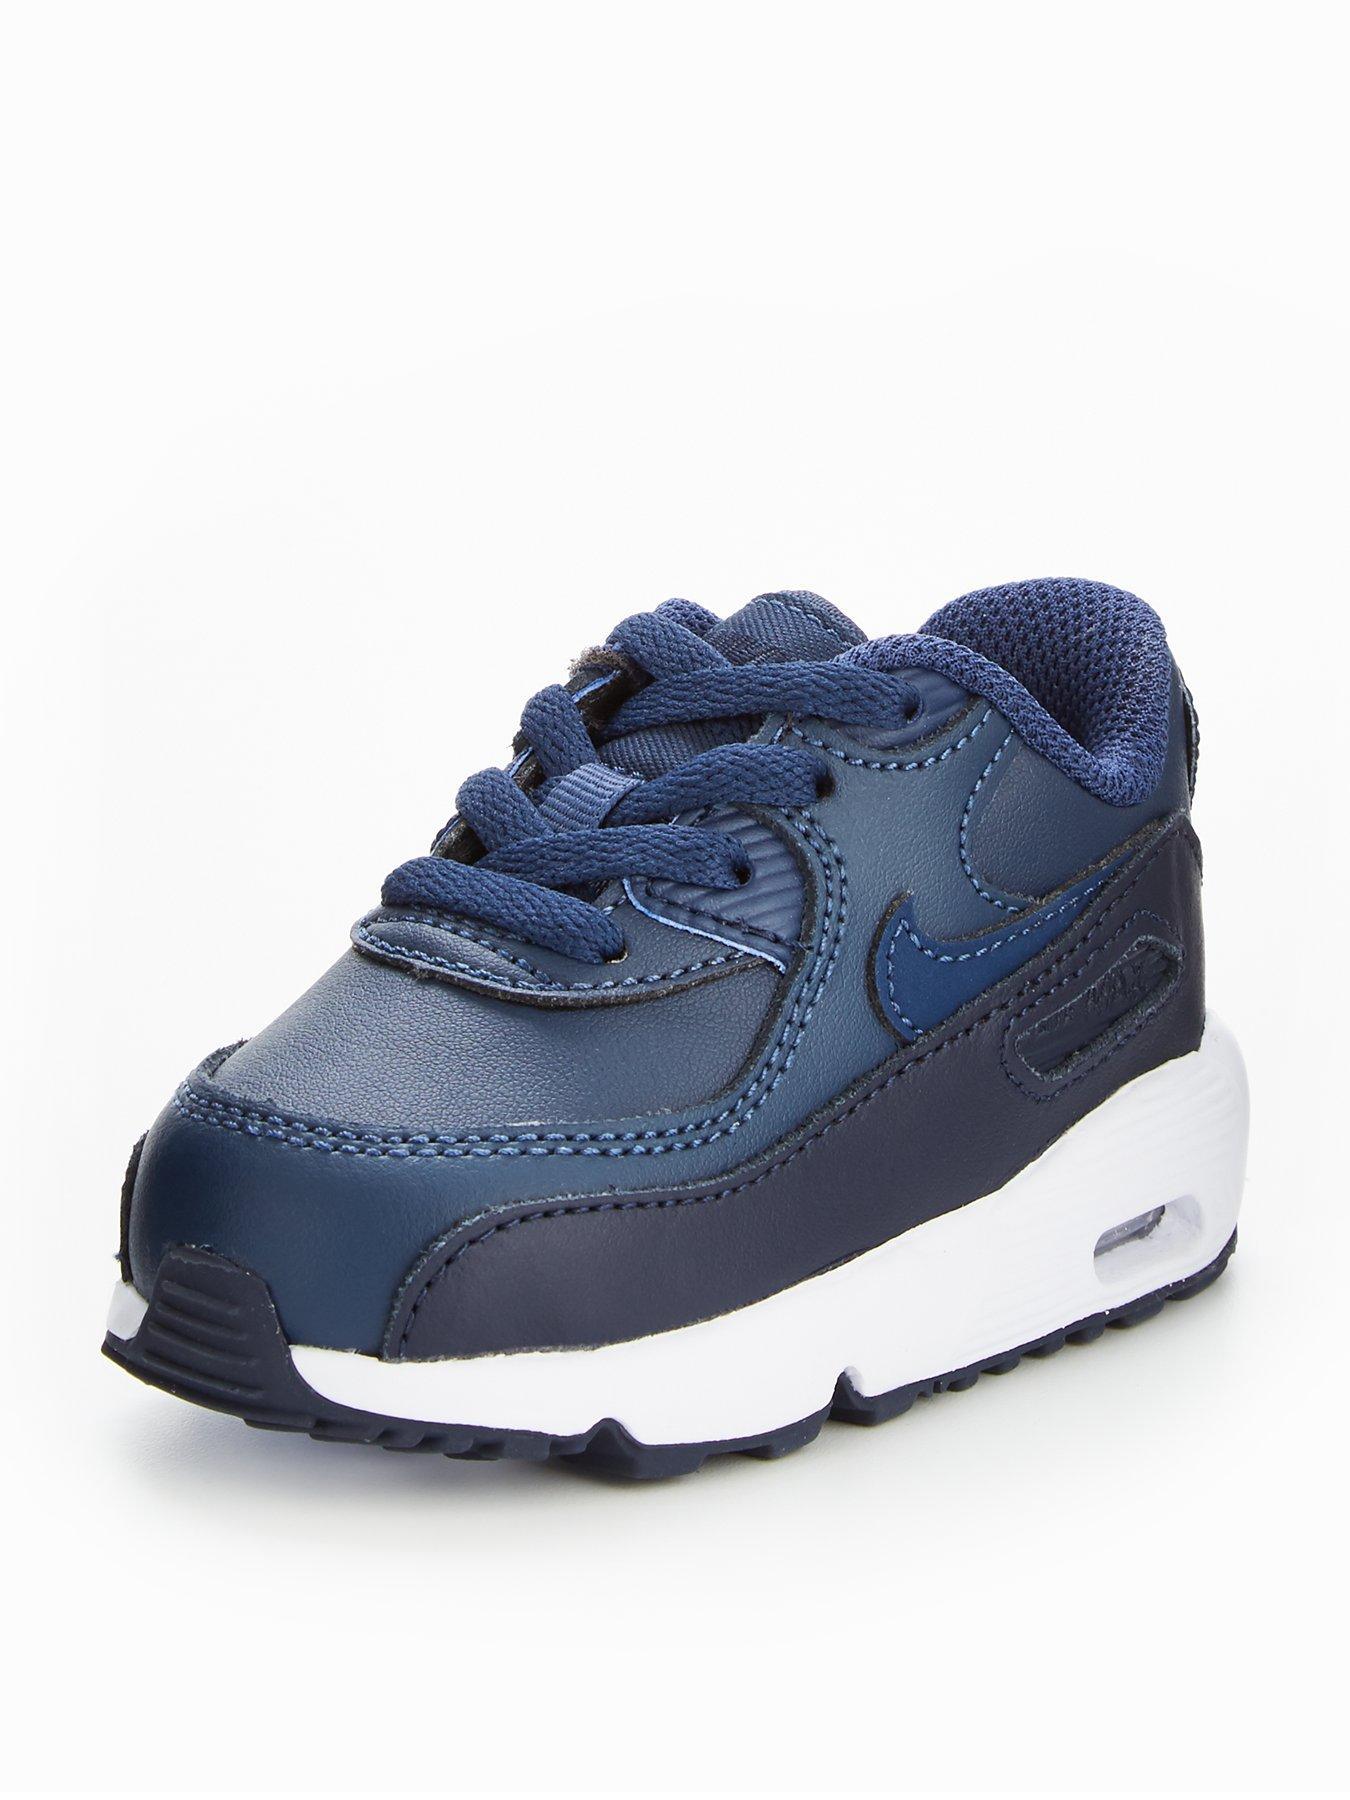 Hommes Nike Air Max 90 Formateurs Literie Noir / Bleu Foncé / Blanc